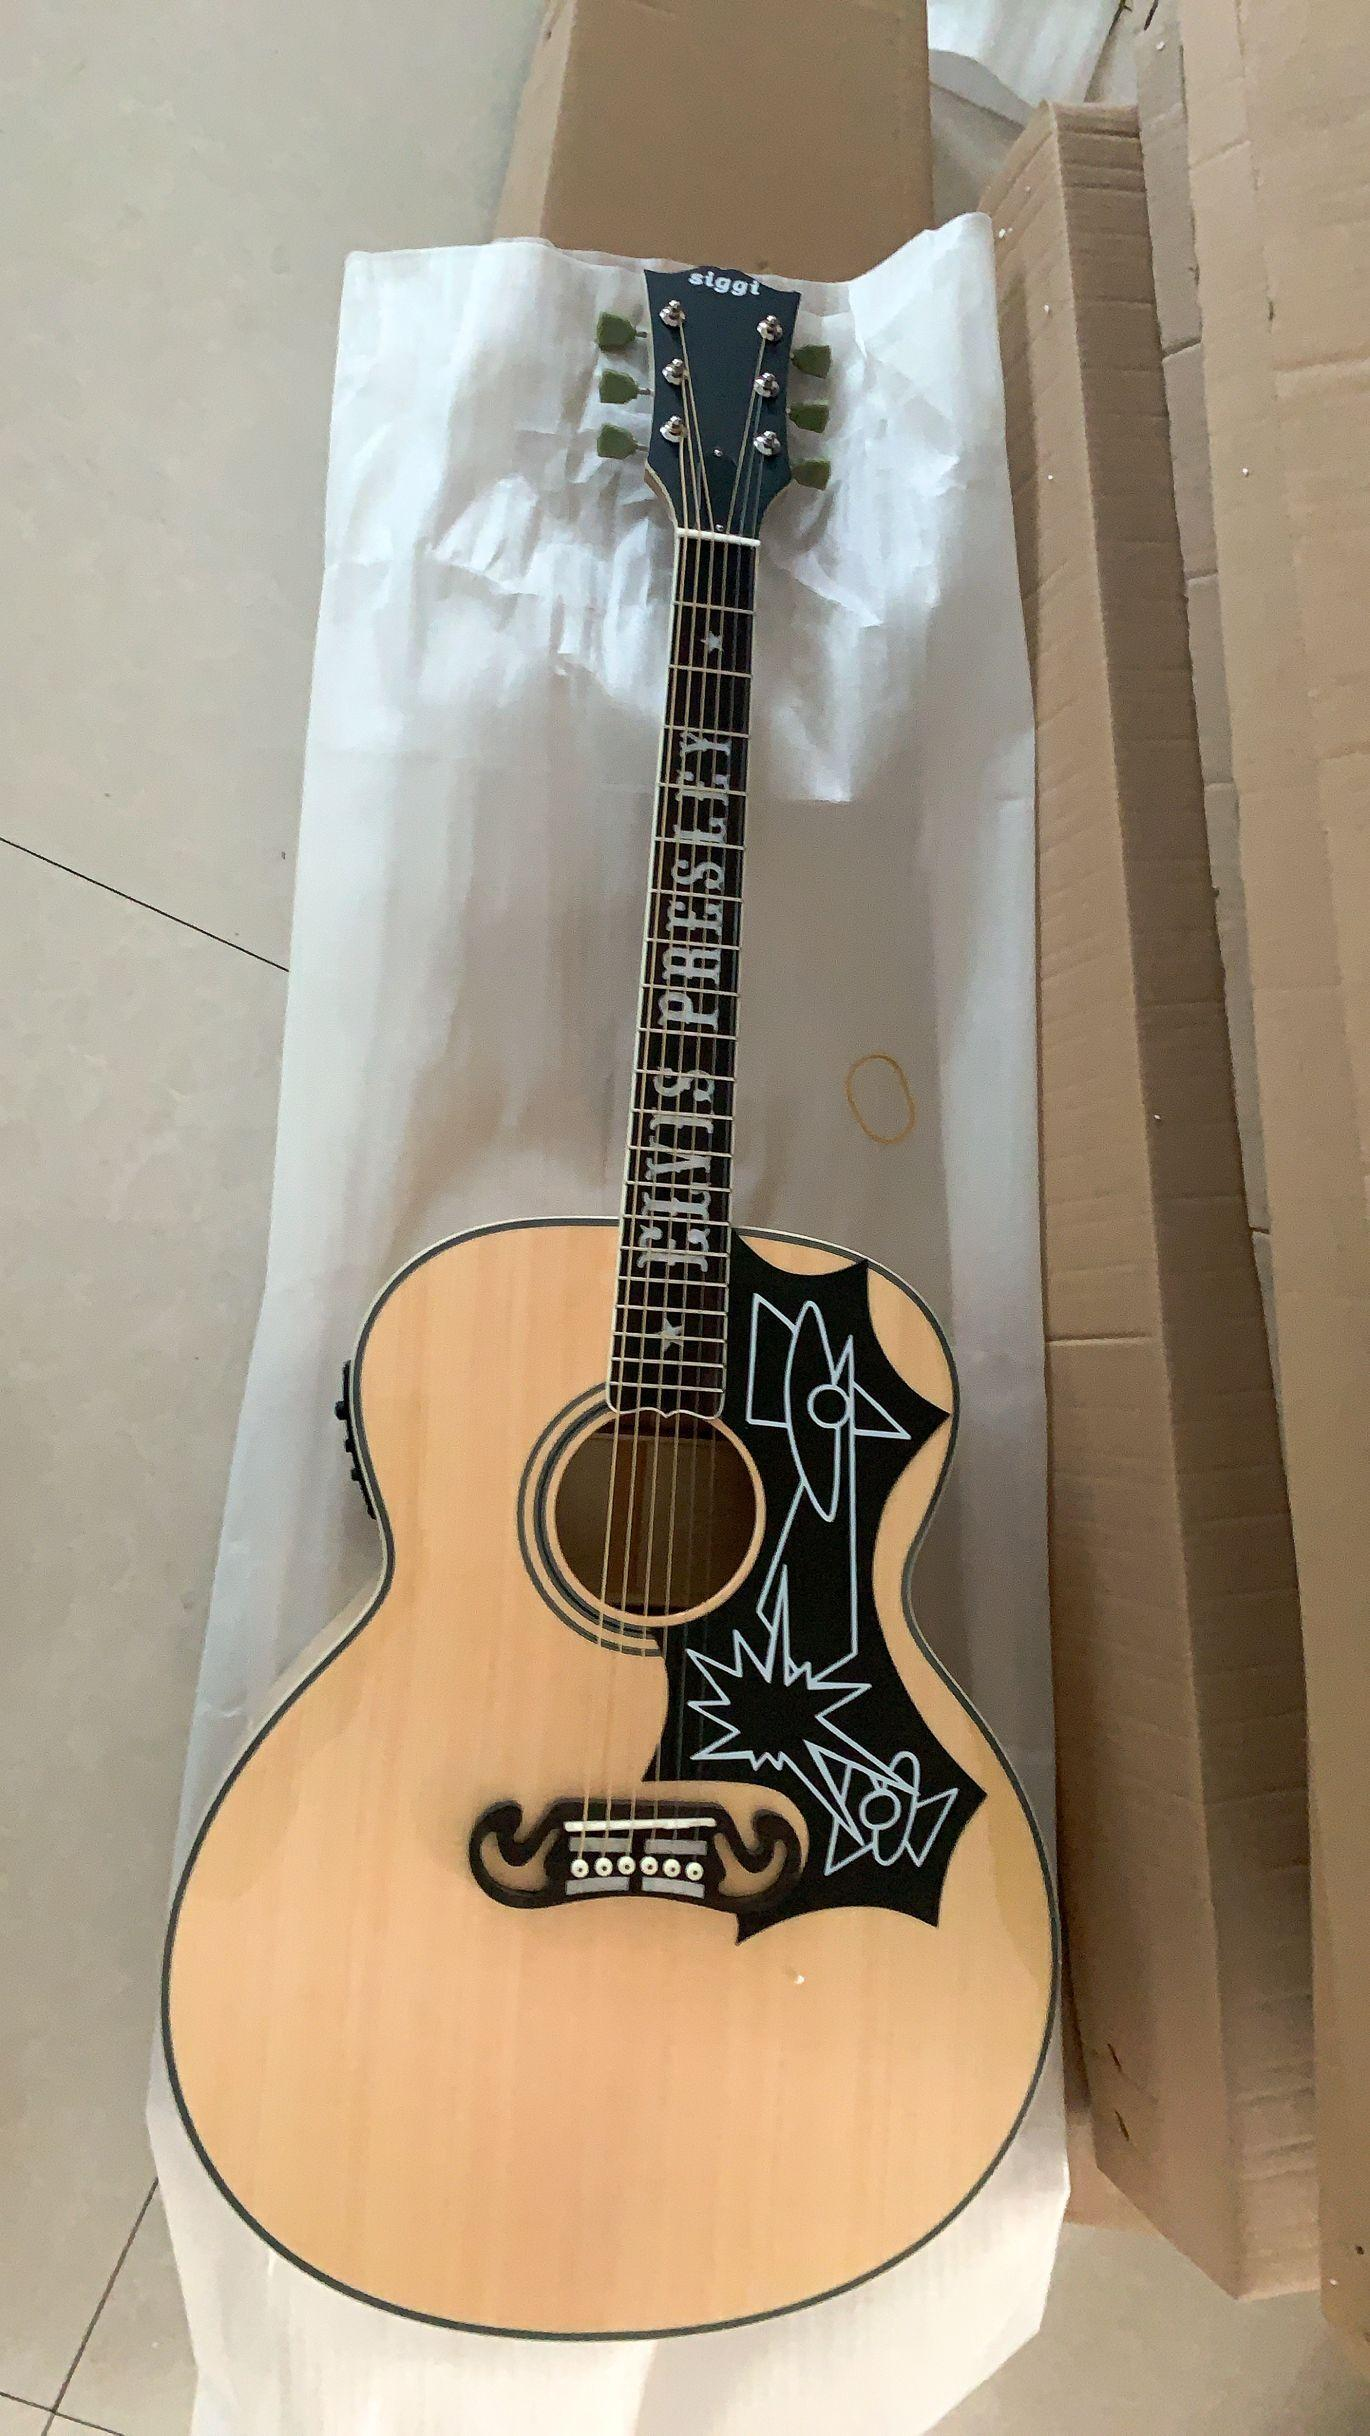 새로운 43 # 엘비스 프레슬리 J200 어쿠스틱 기타 점보 기타 화염 메이플 바디 43 인치 J200 음향 고체 전기 음향 191105